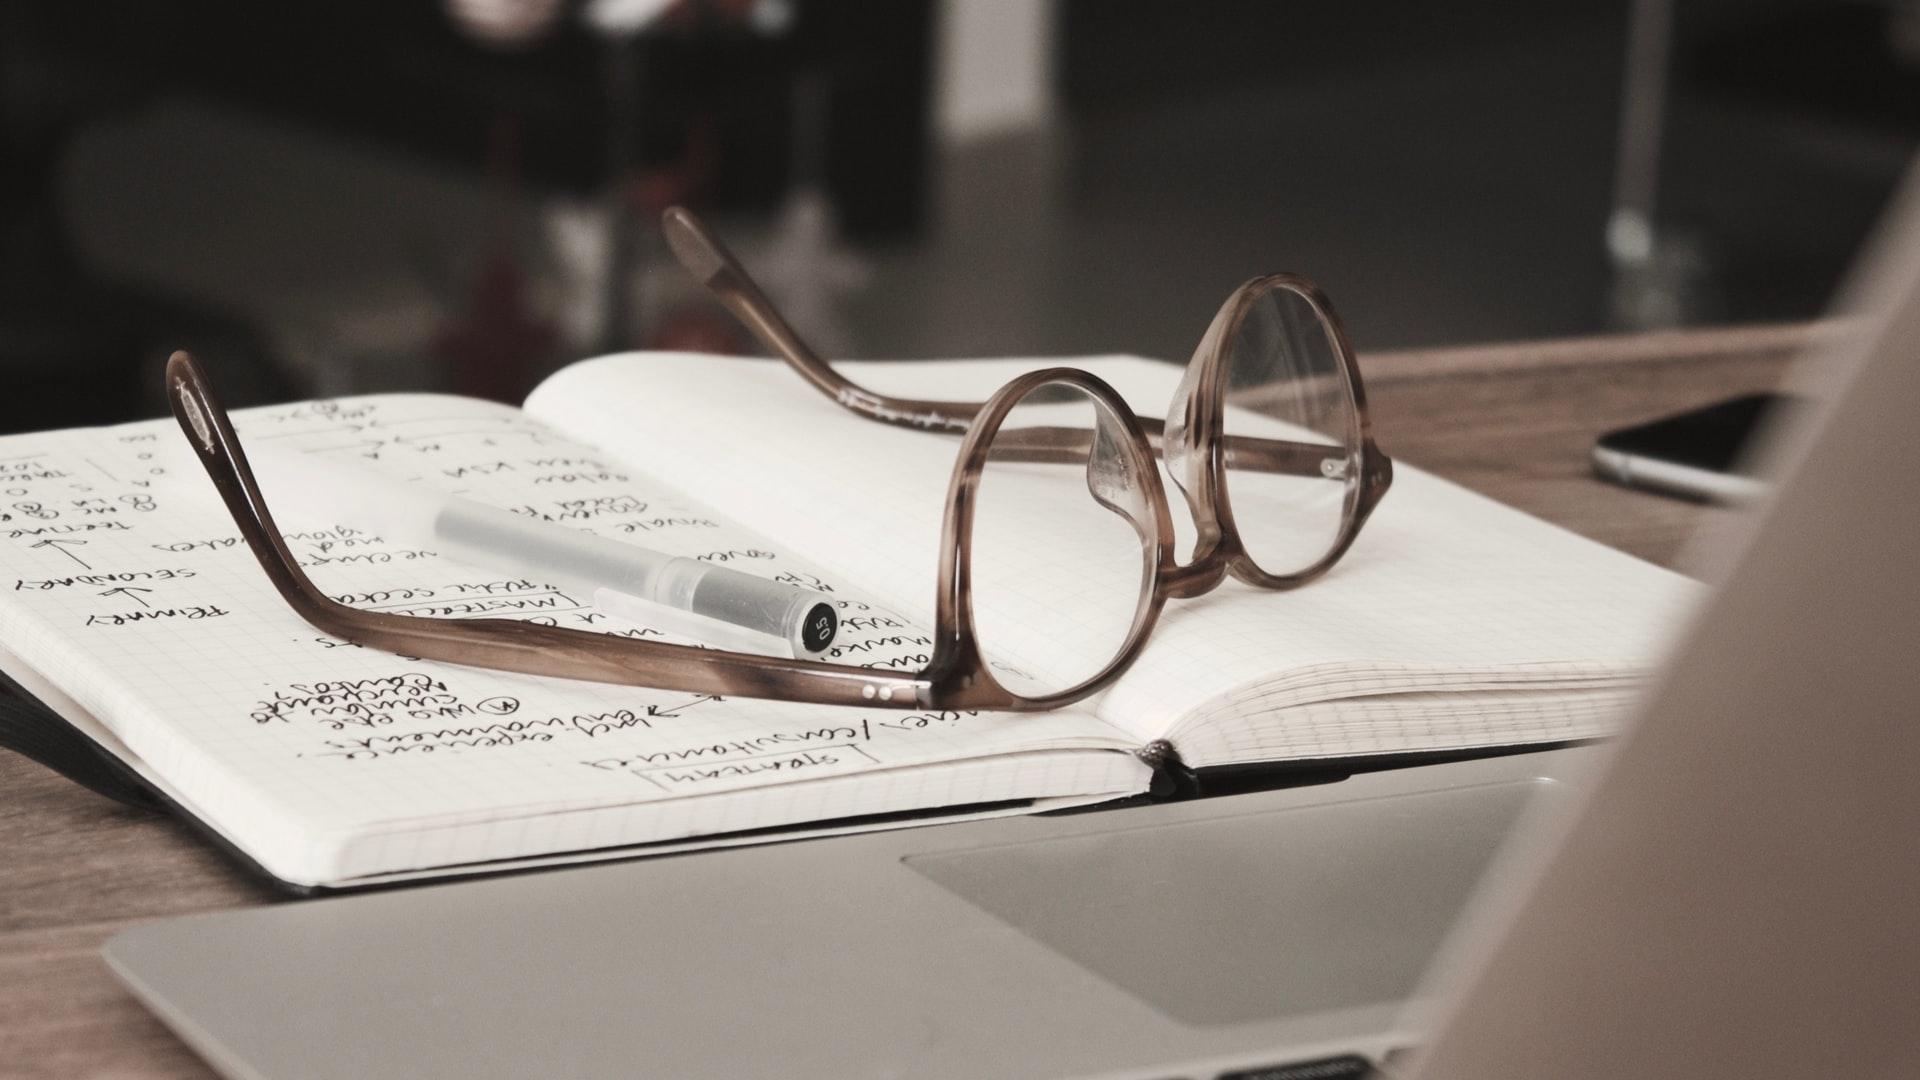 Arbeiten als Unternehmensberater – Welche Themenfelder gibt es hierbei?